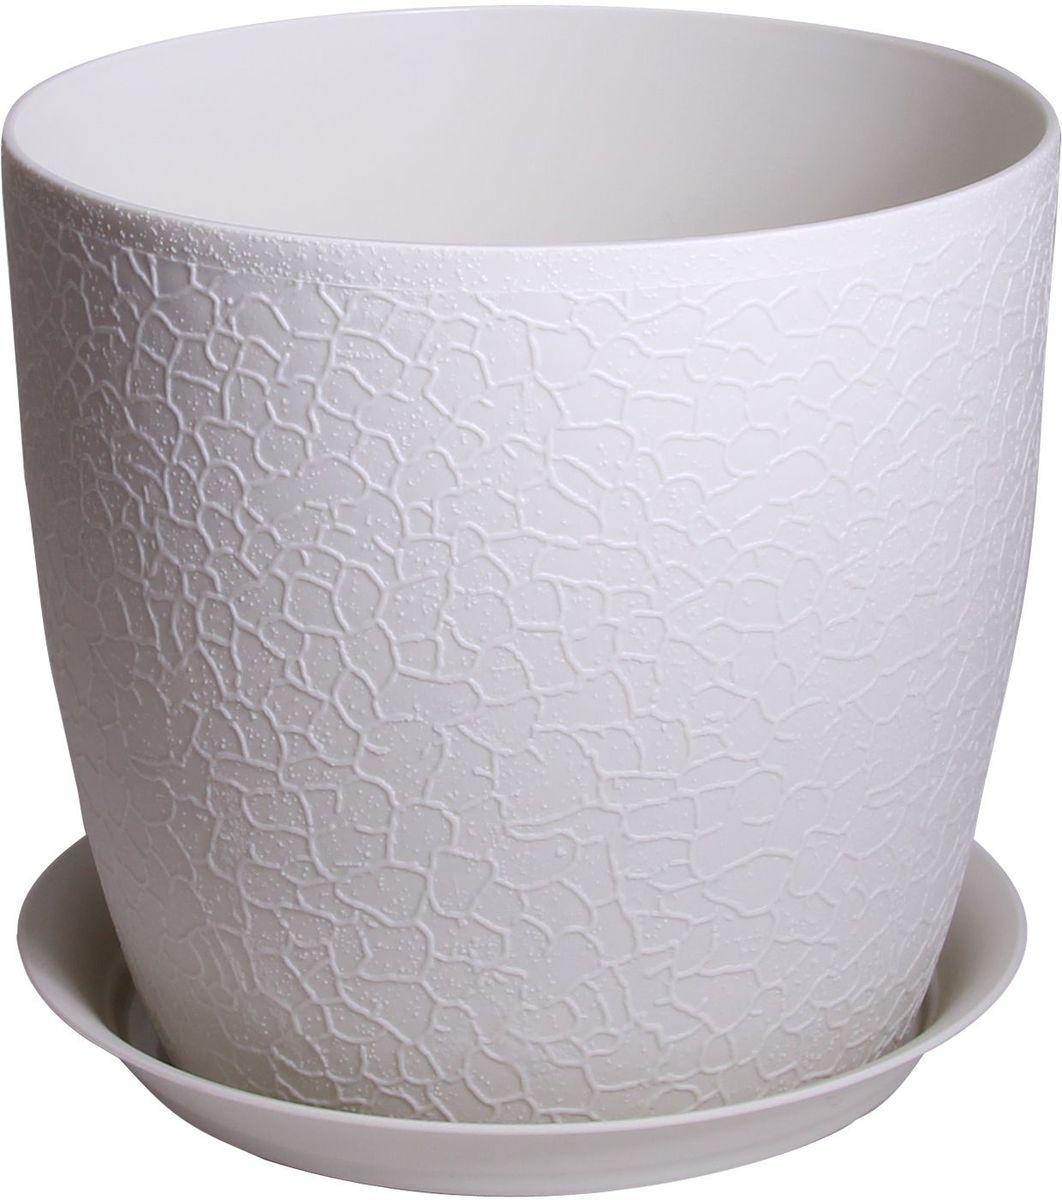 Кашпо Idea Верона, с подставкой, цвет: белый, диаметр 14 см кашпо idea верона с подставкой цвет белый диаметр 18 см